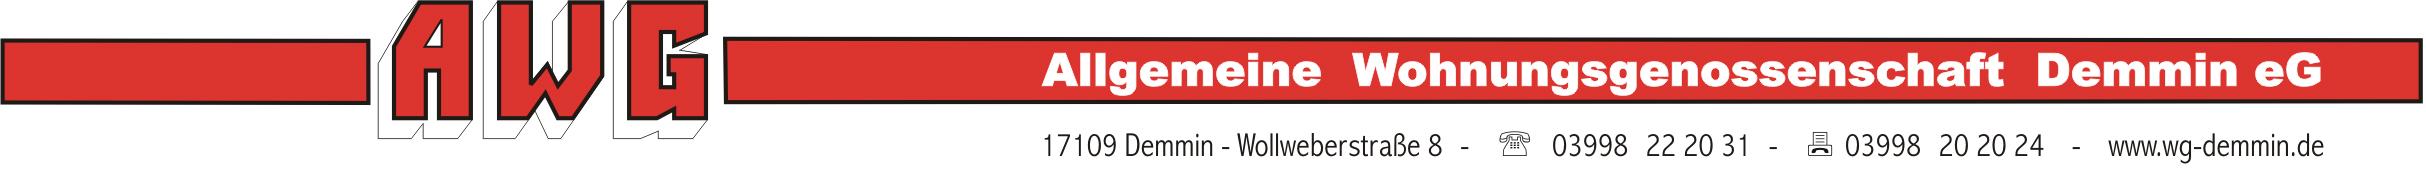 Allgemeine Wohnungsgenossenschaft Demmin eG Logo